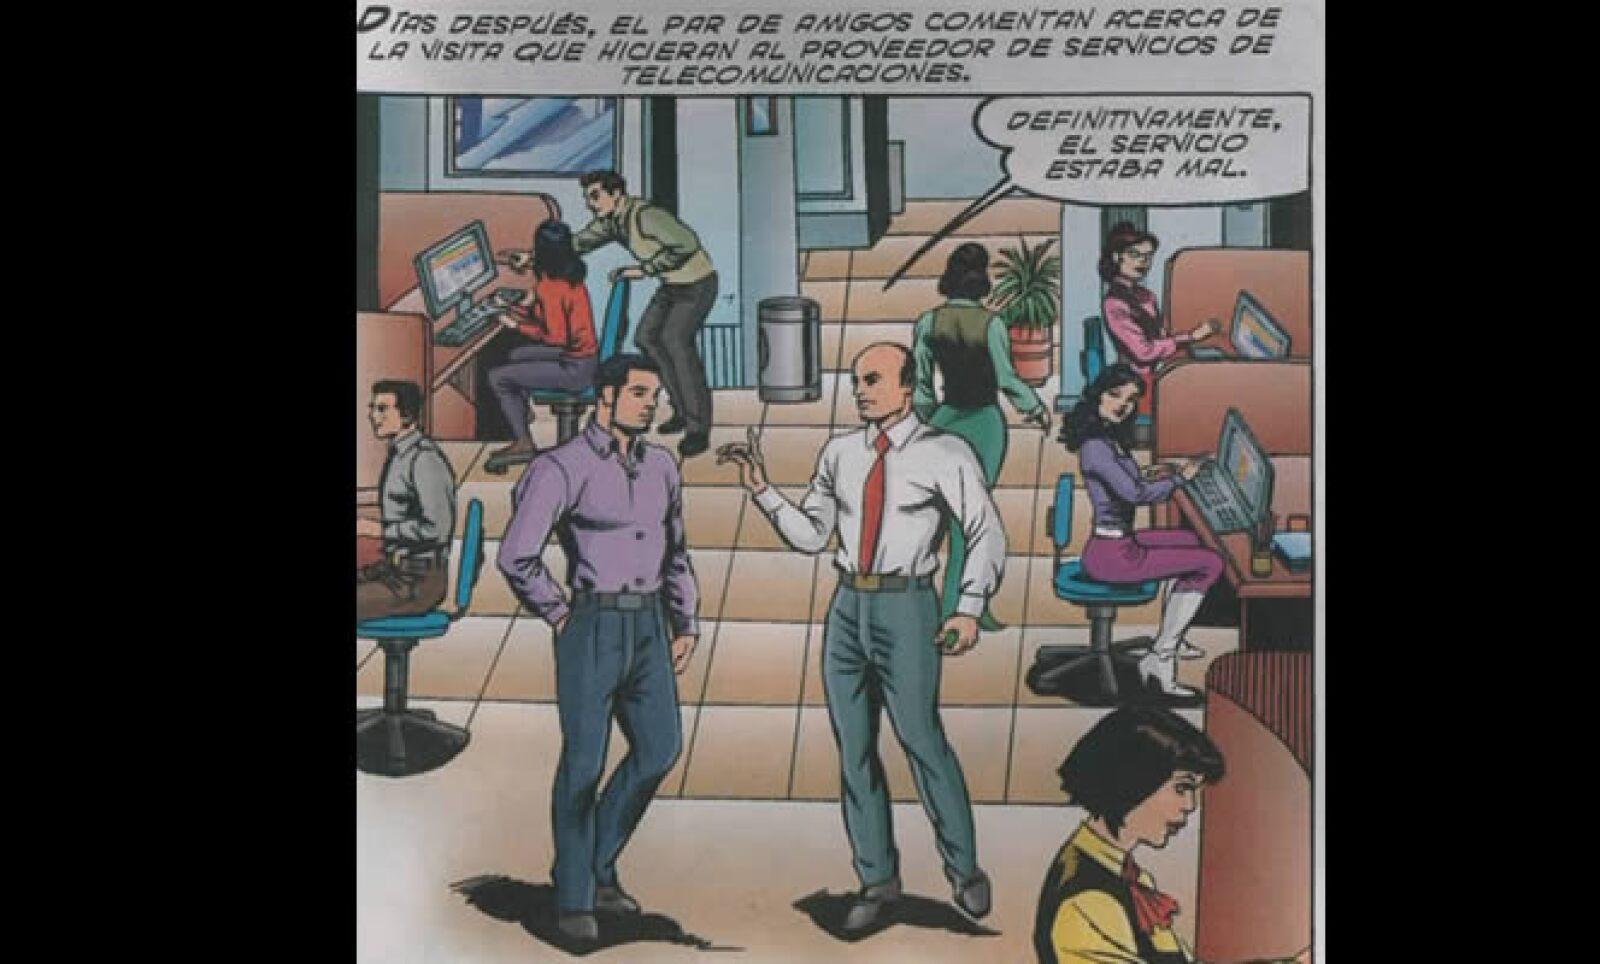 En la historieta se caracterizan a dos funcionarios de la Cofetel: Luis Lucatero (izq) y Manuel McFarland (der).